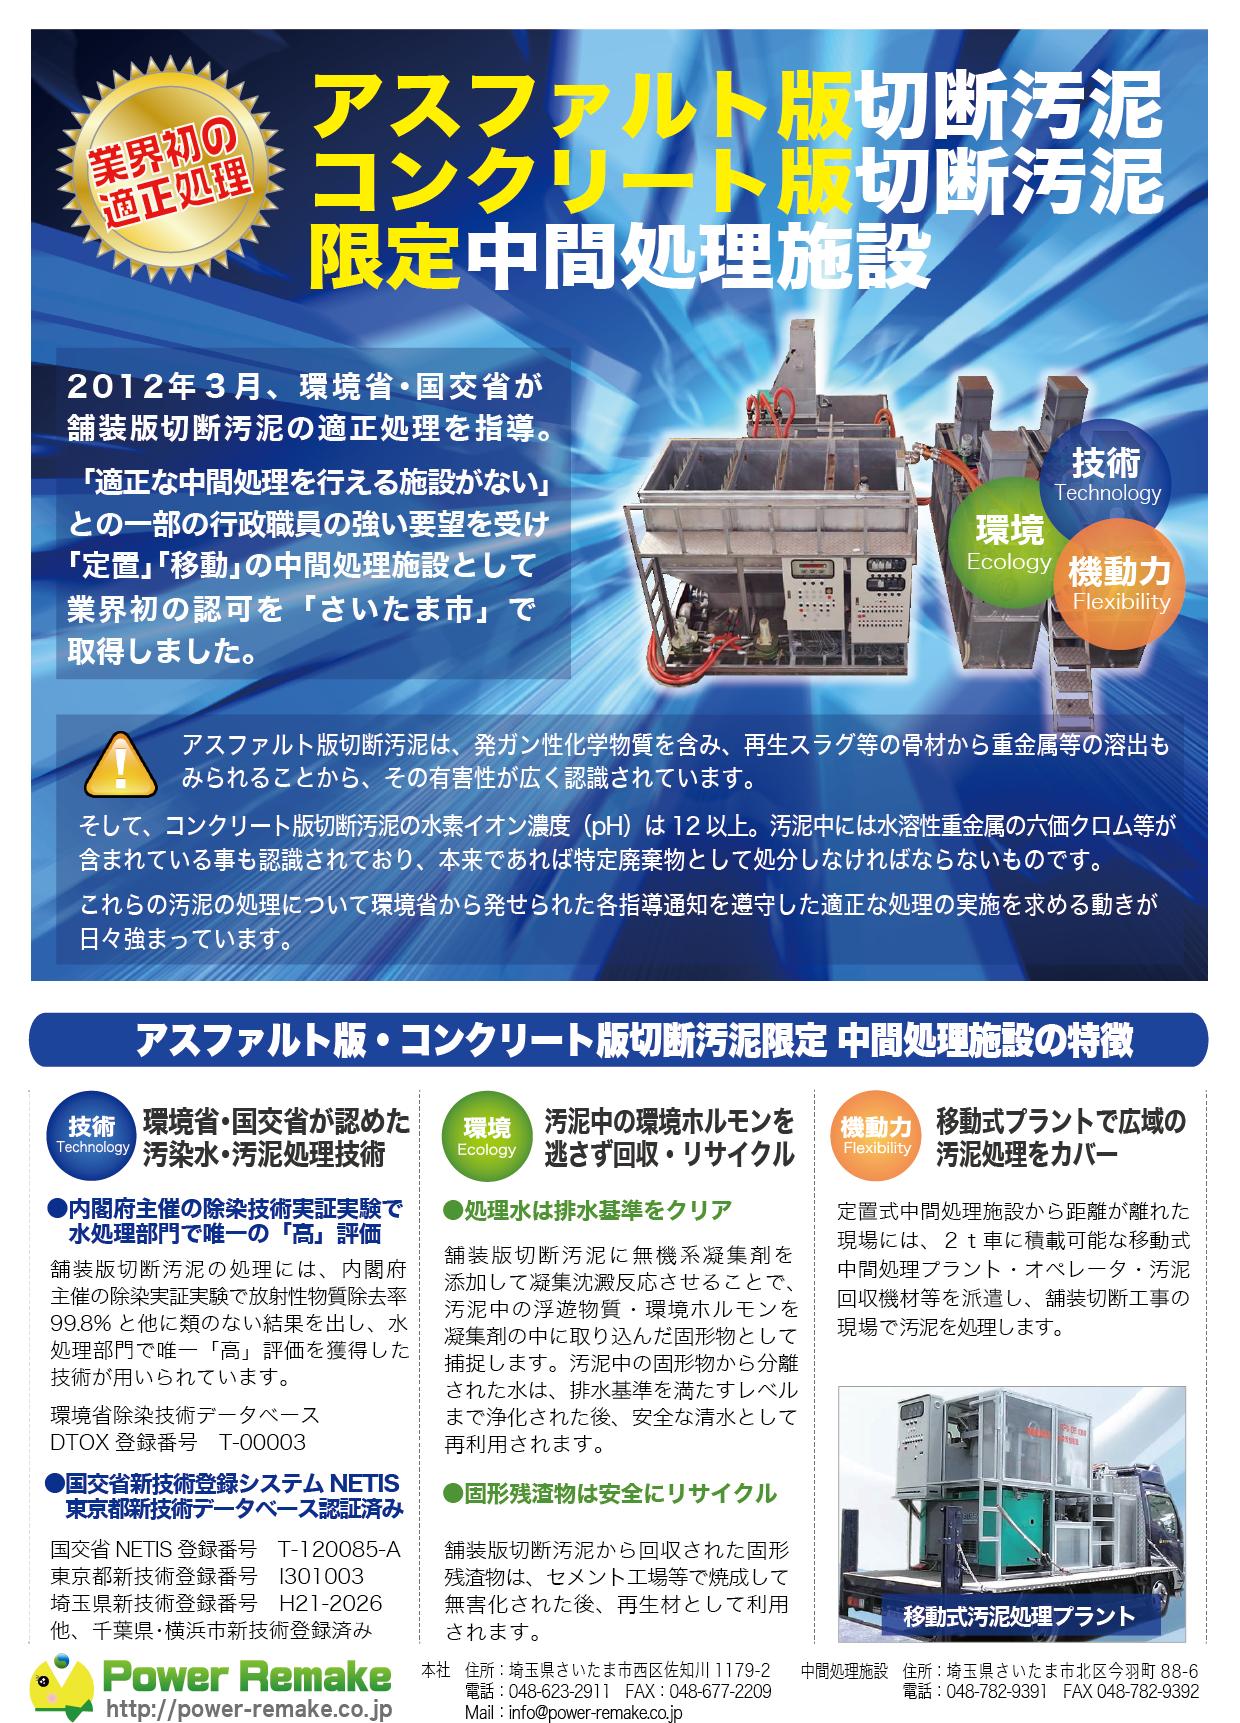 【業界初の適正処理】アスファルト版・コンクリート版限定中間処理施設